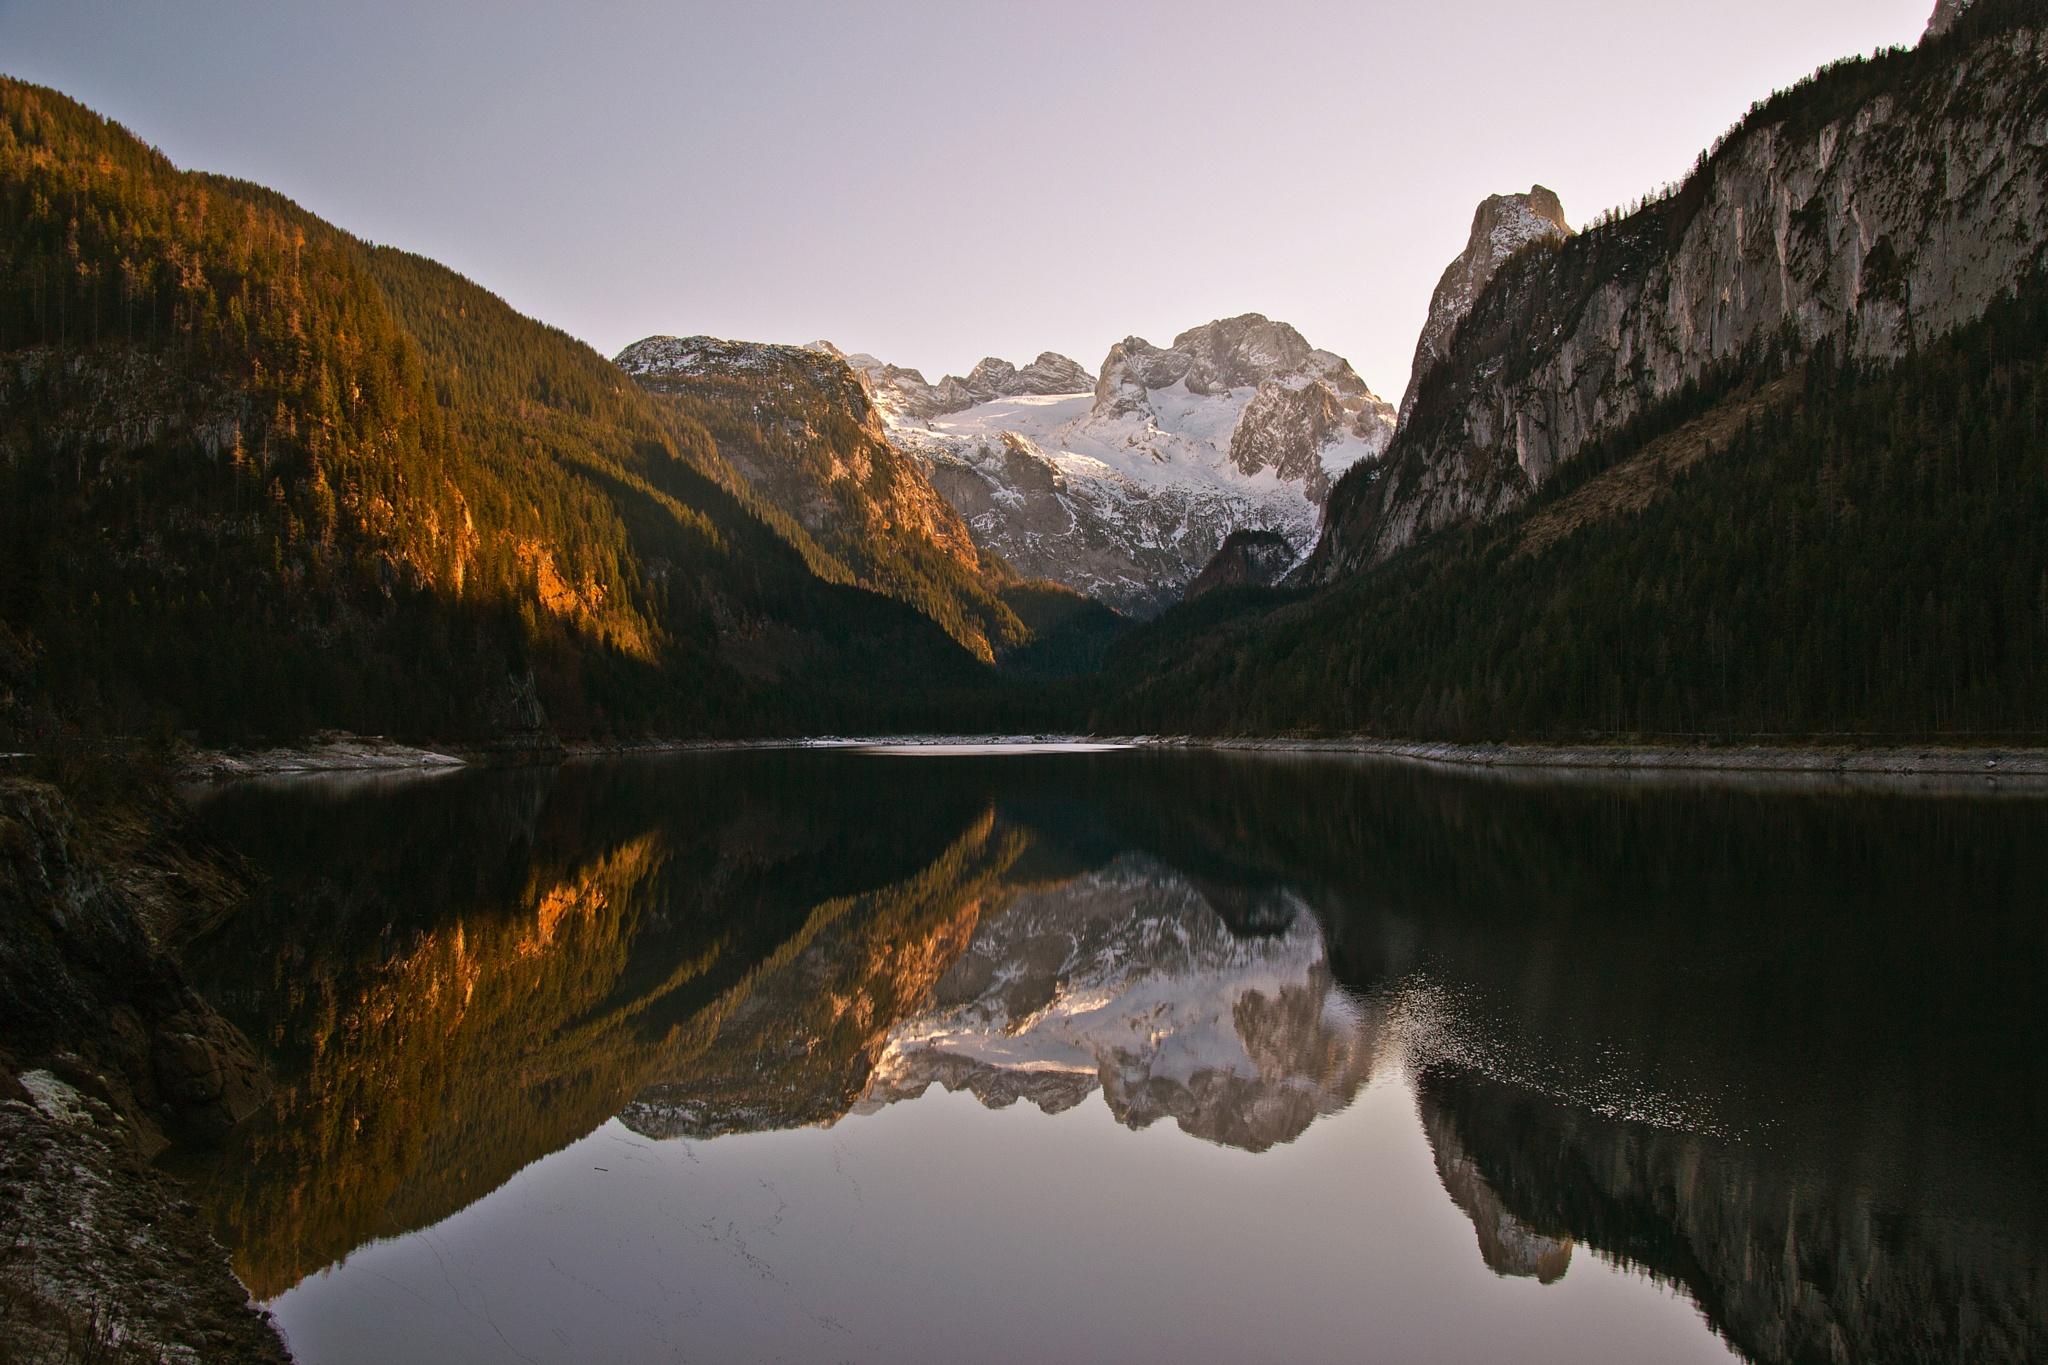 Lake Vorderer Gosausee by echumachenco